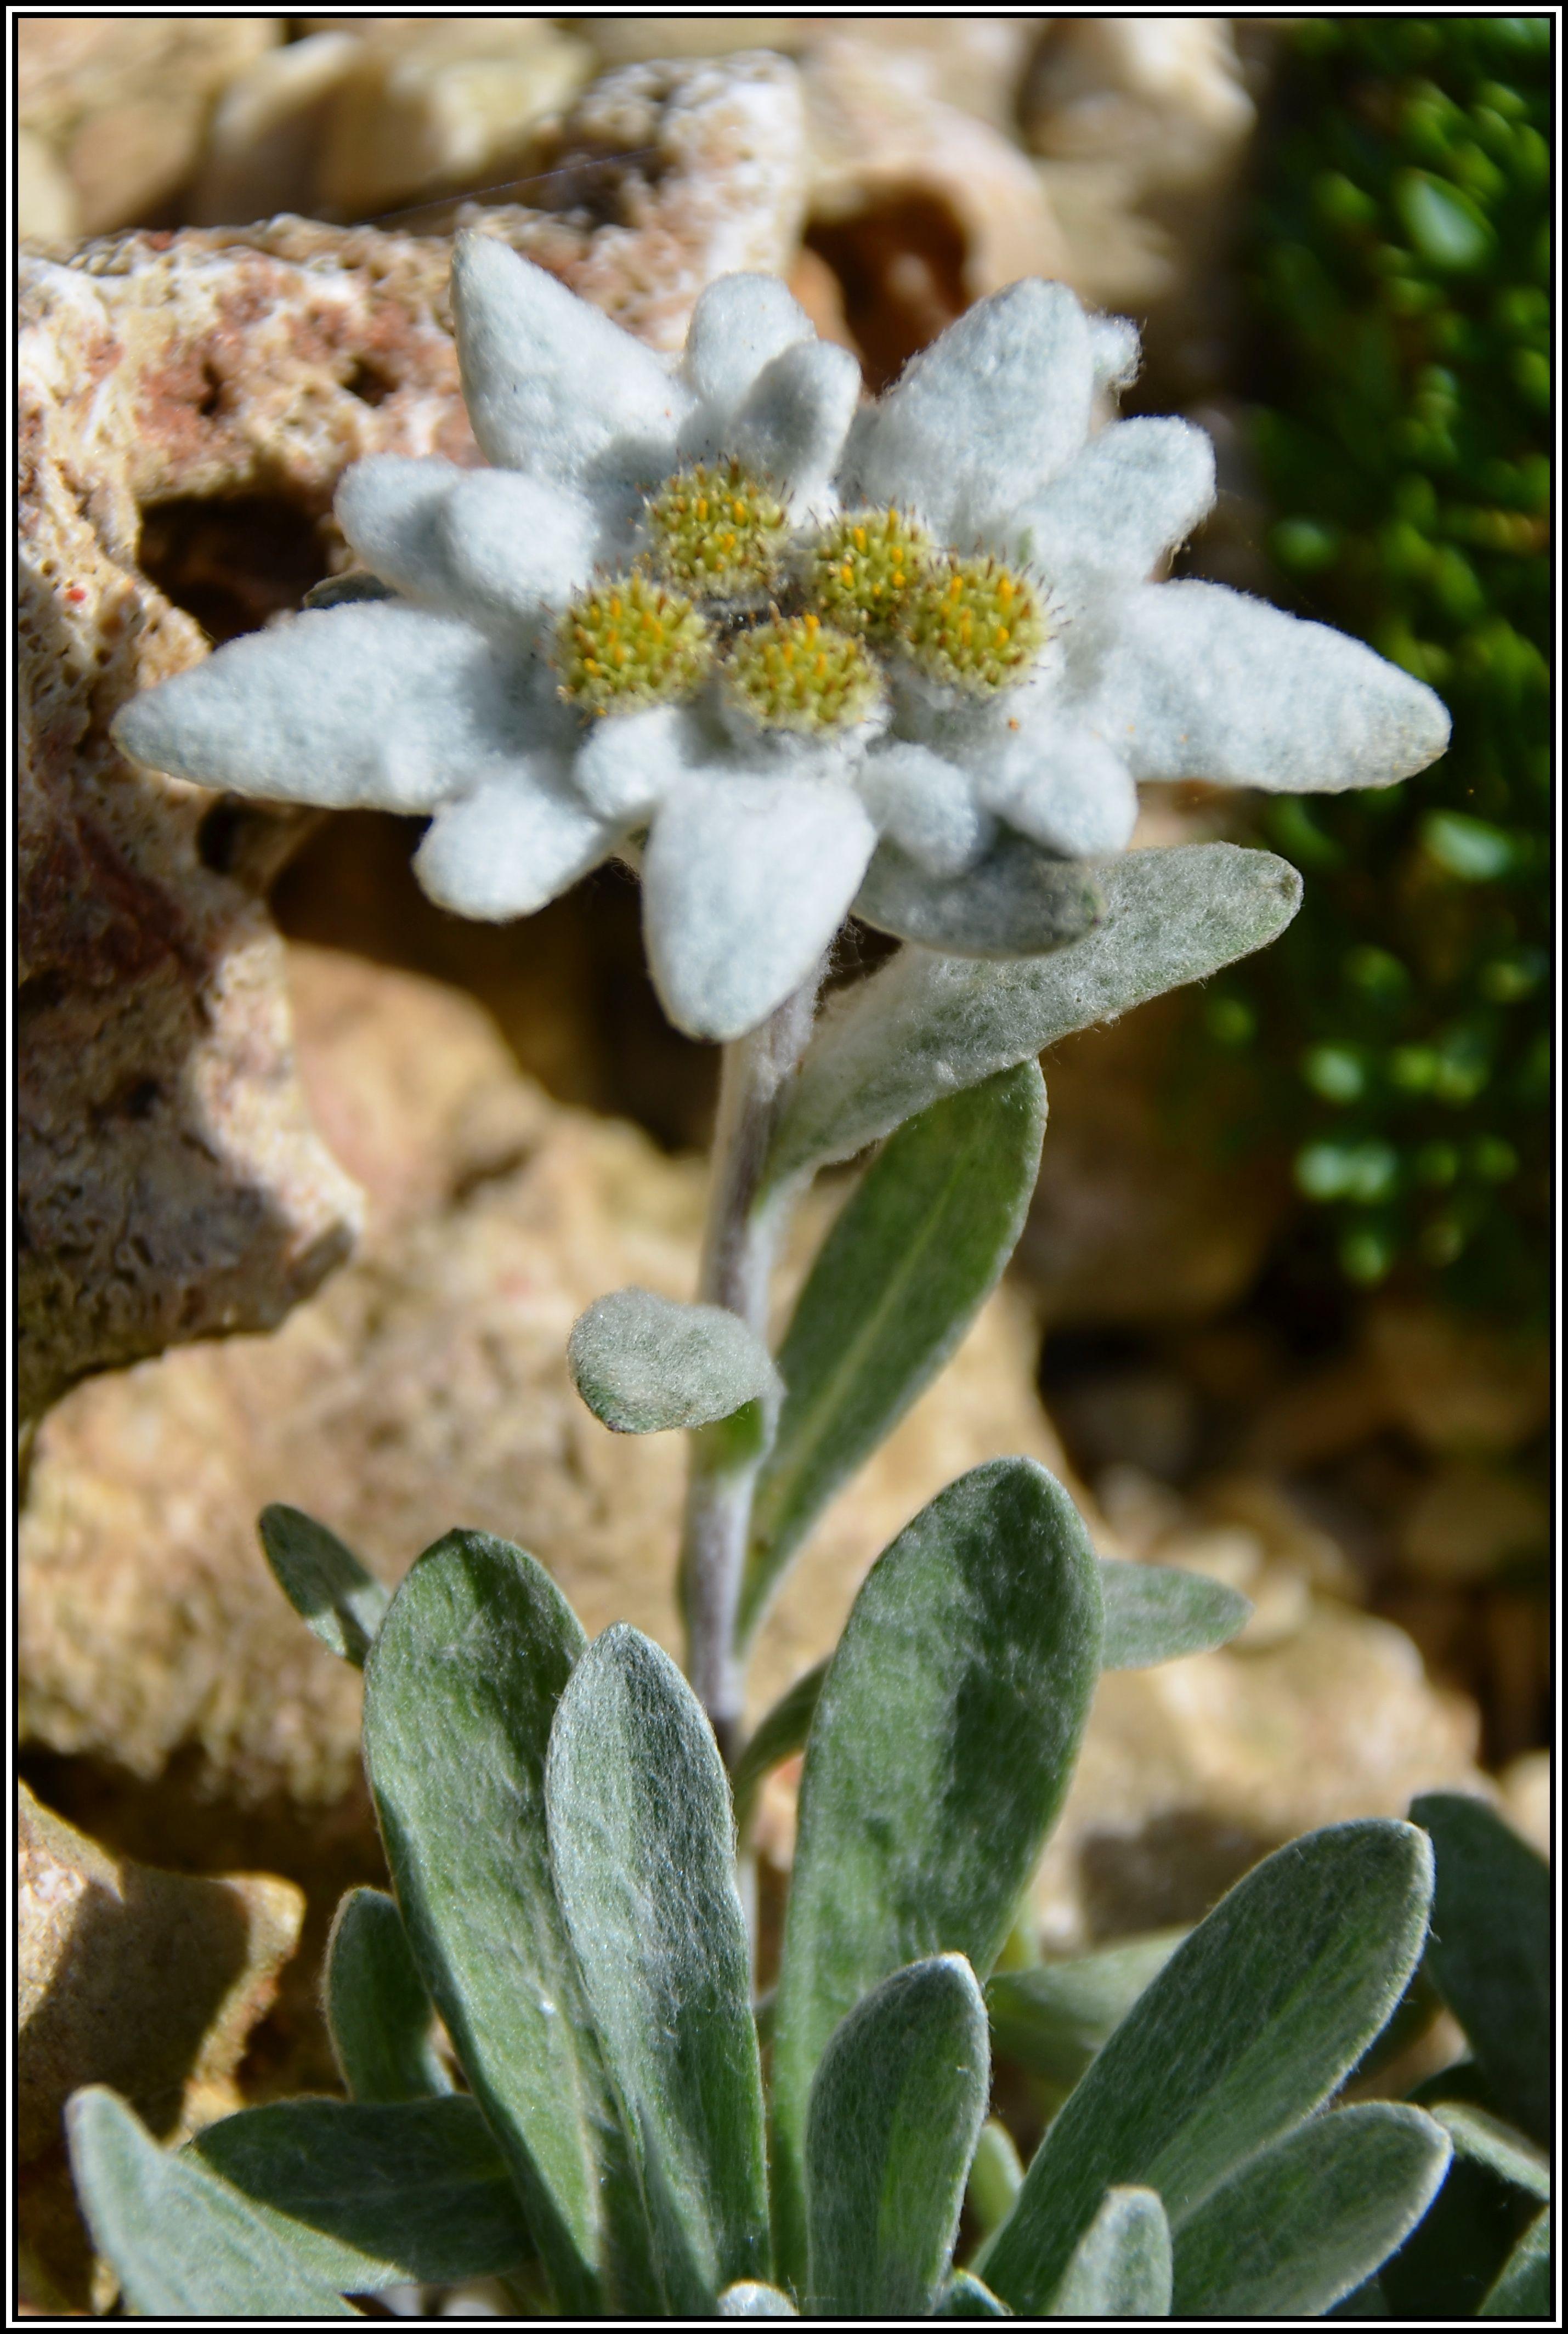 Mein kleines Alpinum - Ein Steingarten am Niederrhein - Leontopodium alpinum ssp.nivale pirinicum (Edelweiß)